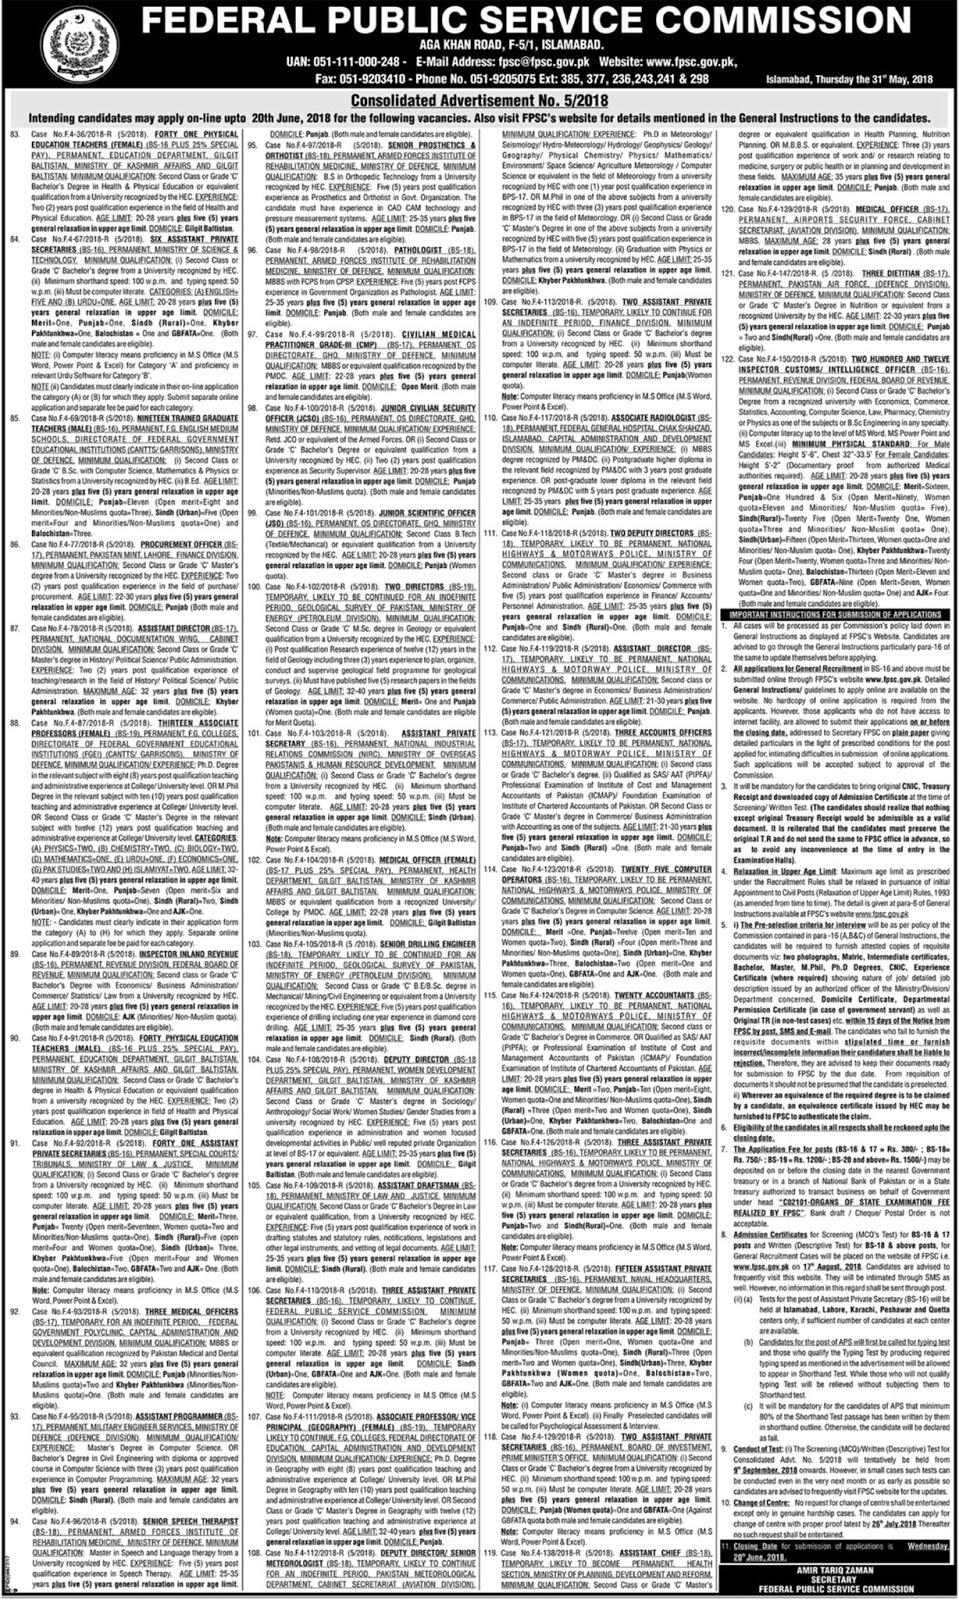 www.fpsc.gov.pk